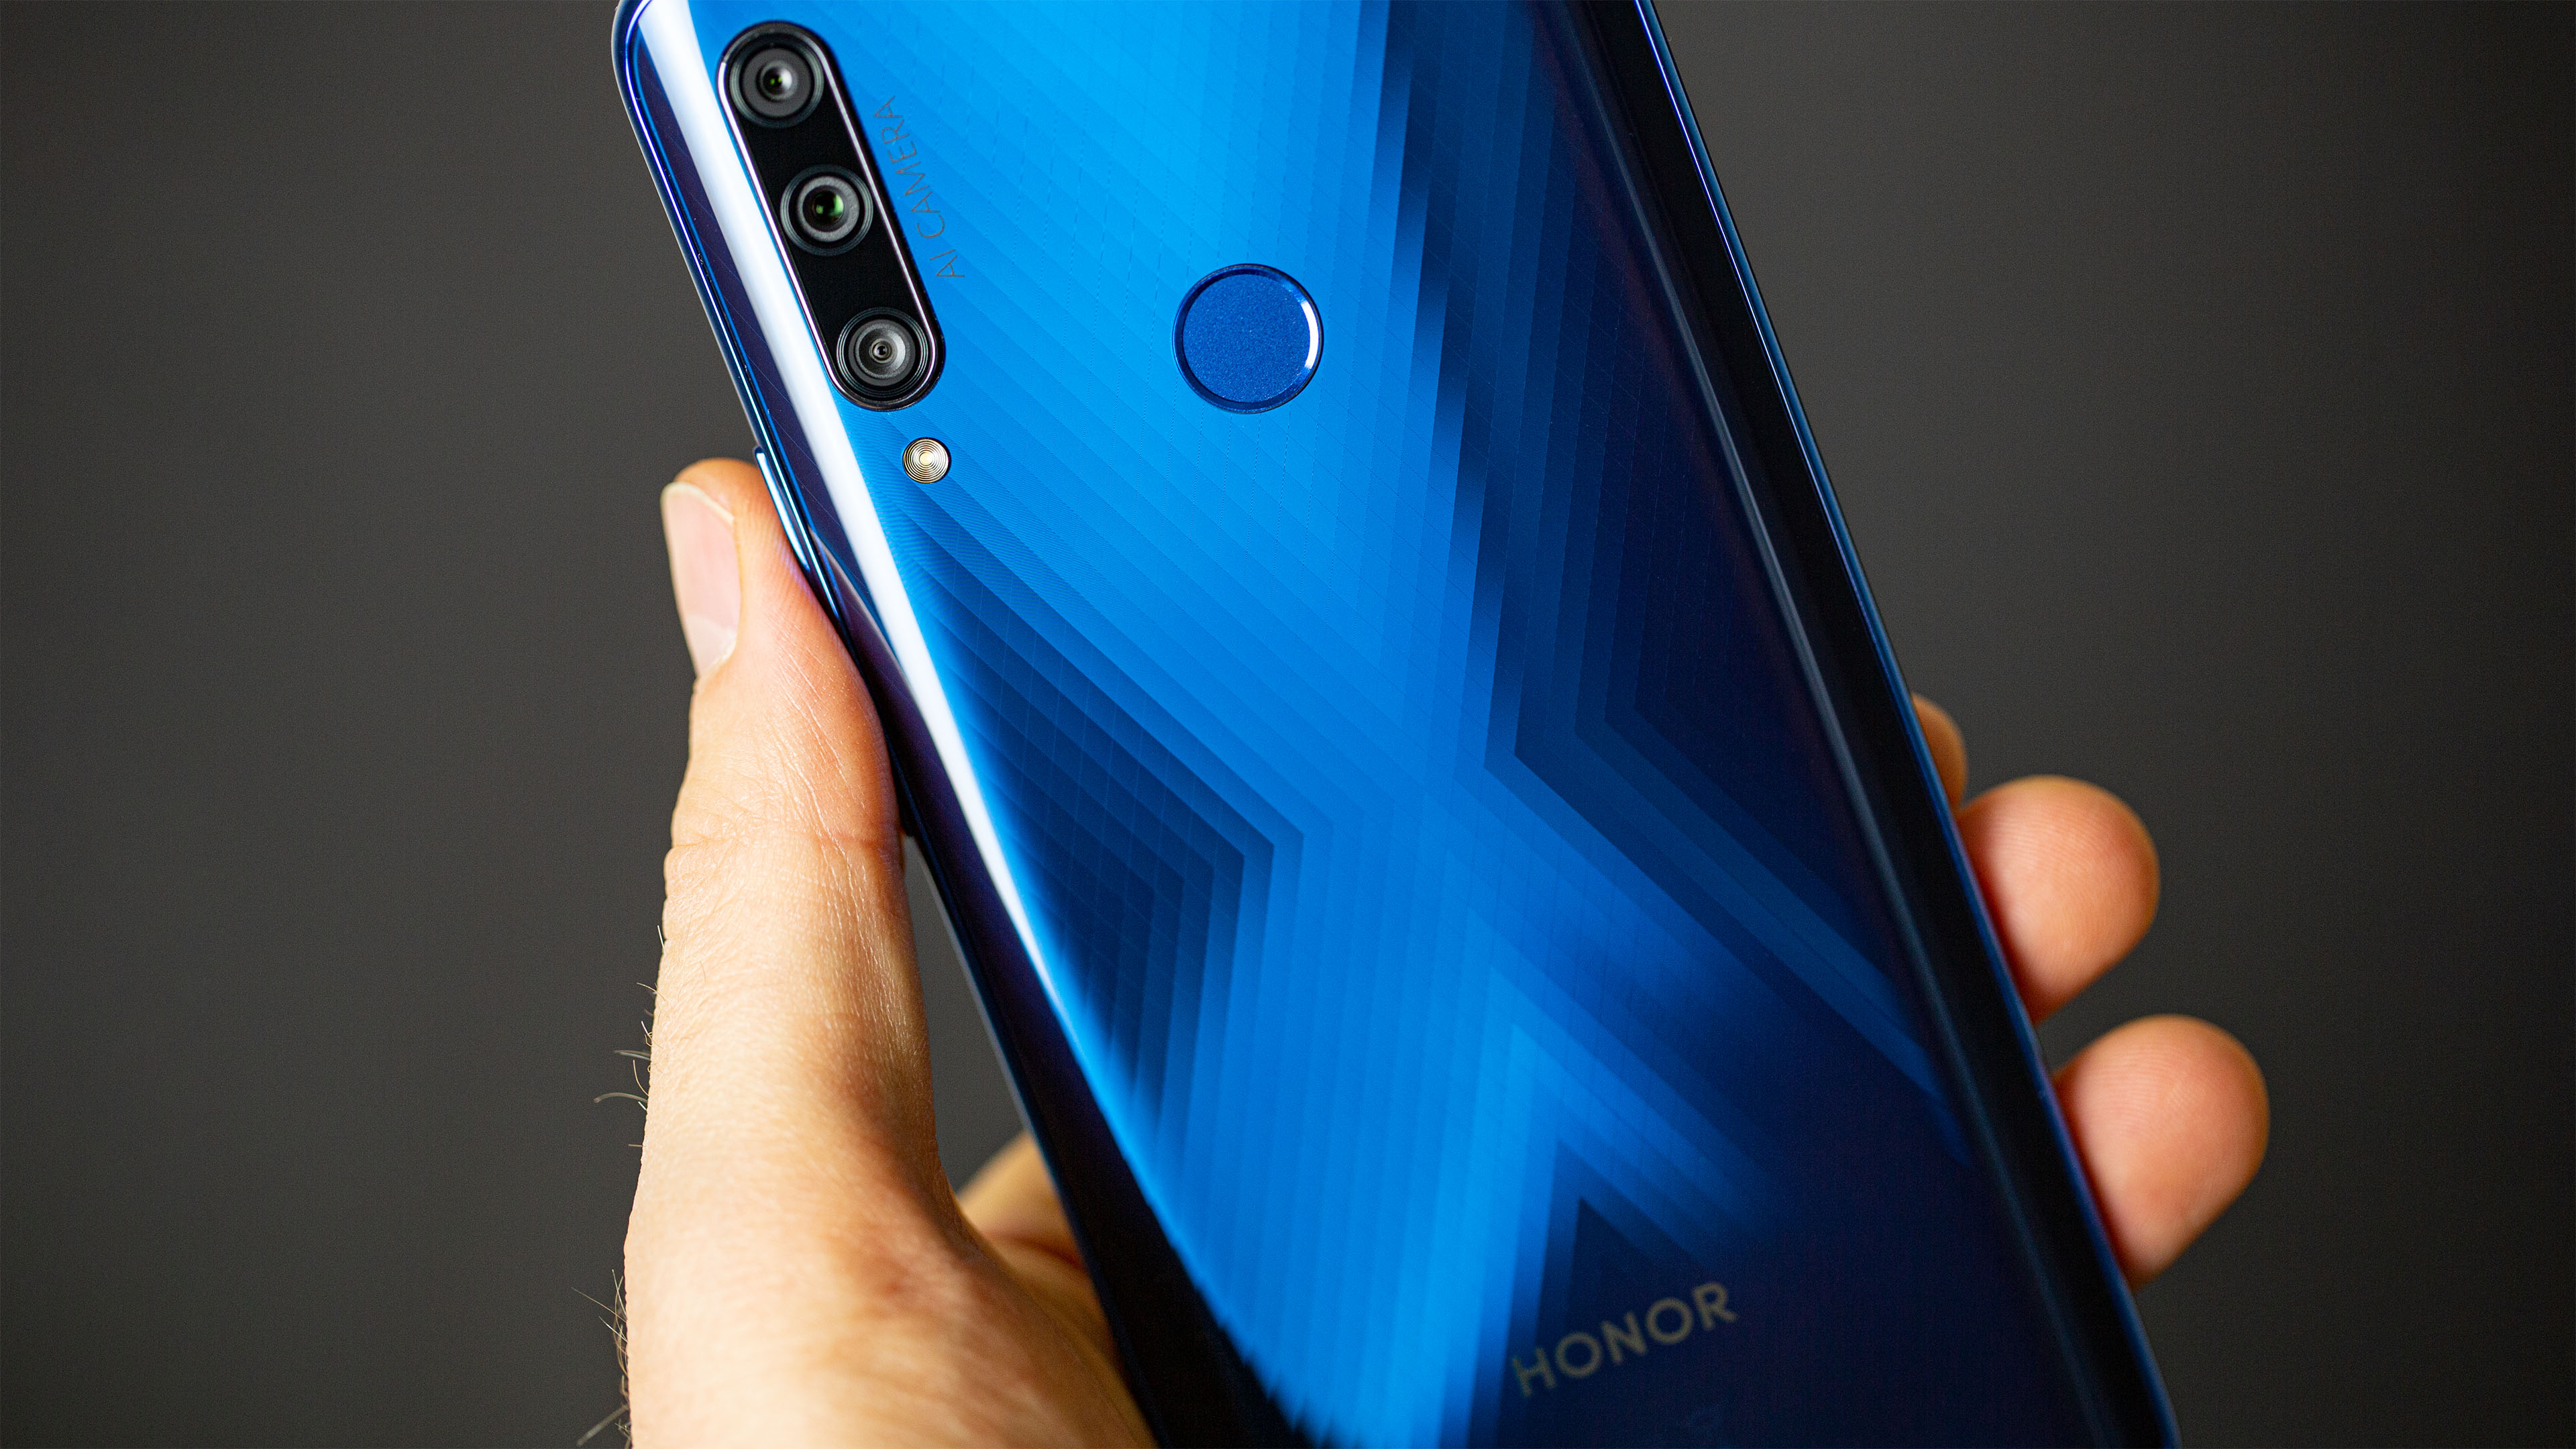 خرید گوشی موبايل هوآوی مدل Honor 9X دوسیم کارت با ظرفیت 128 گیگابایت